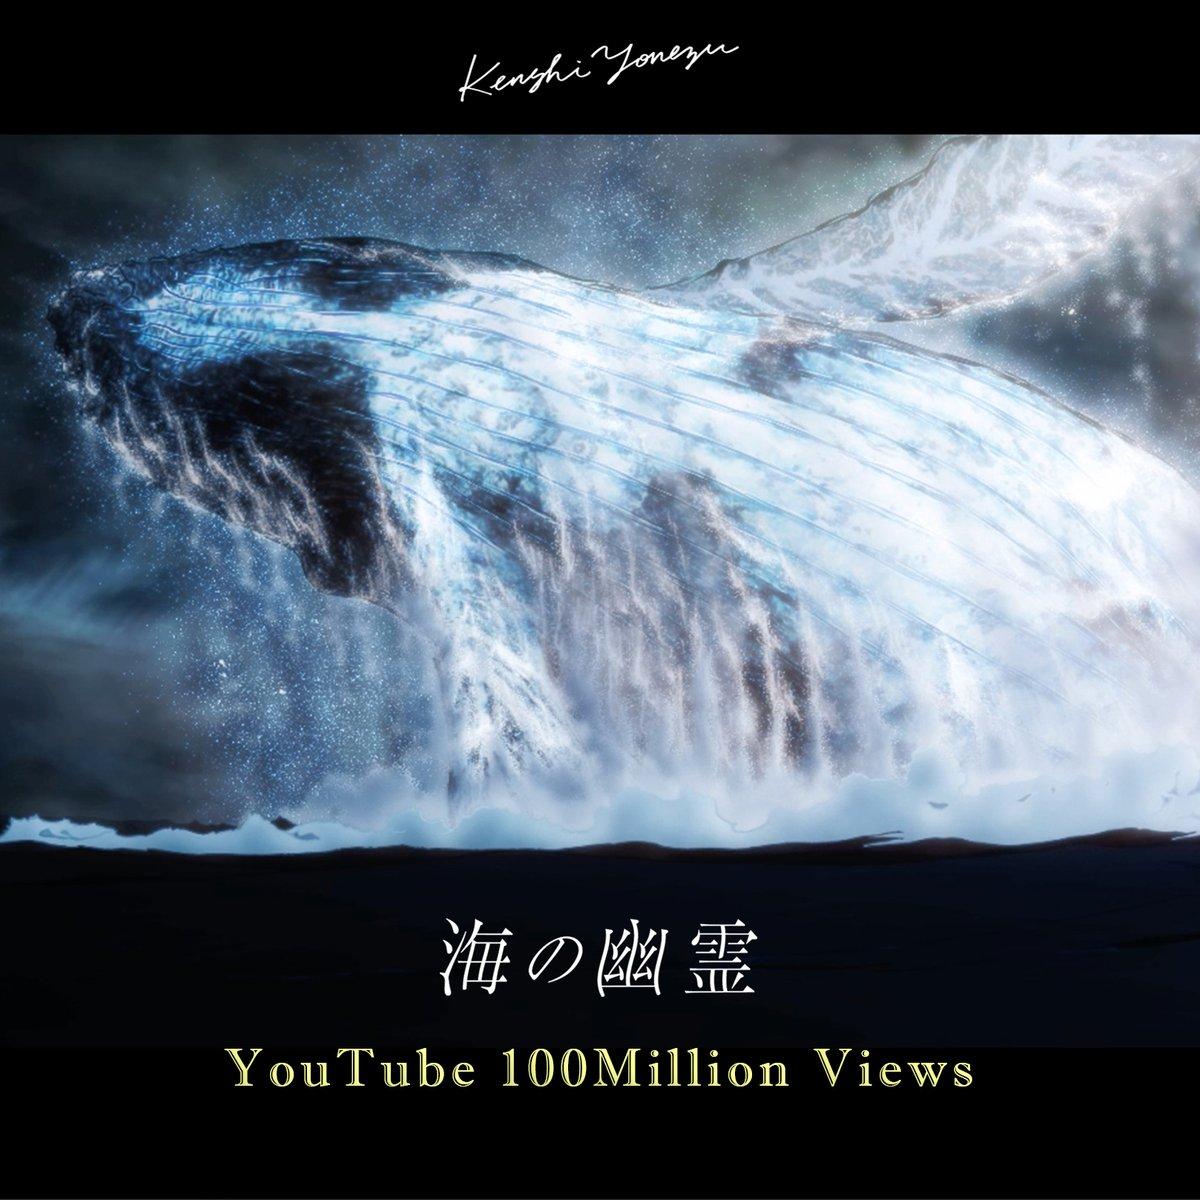 〰 速報 〰  米津玄師「海の幽霊」MVが1億再生を達成致しました🐳  沢山のご視聴ありがとうございます!! #海獣の子供 #五十嵐大介 #STUDIO4℃